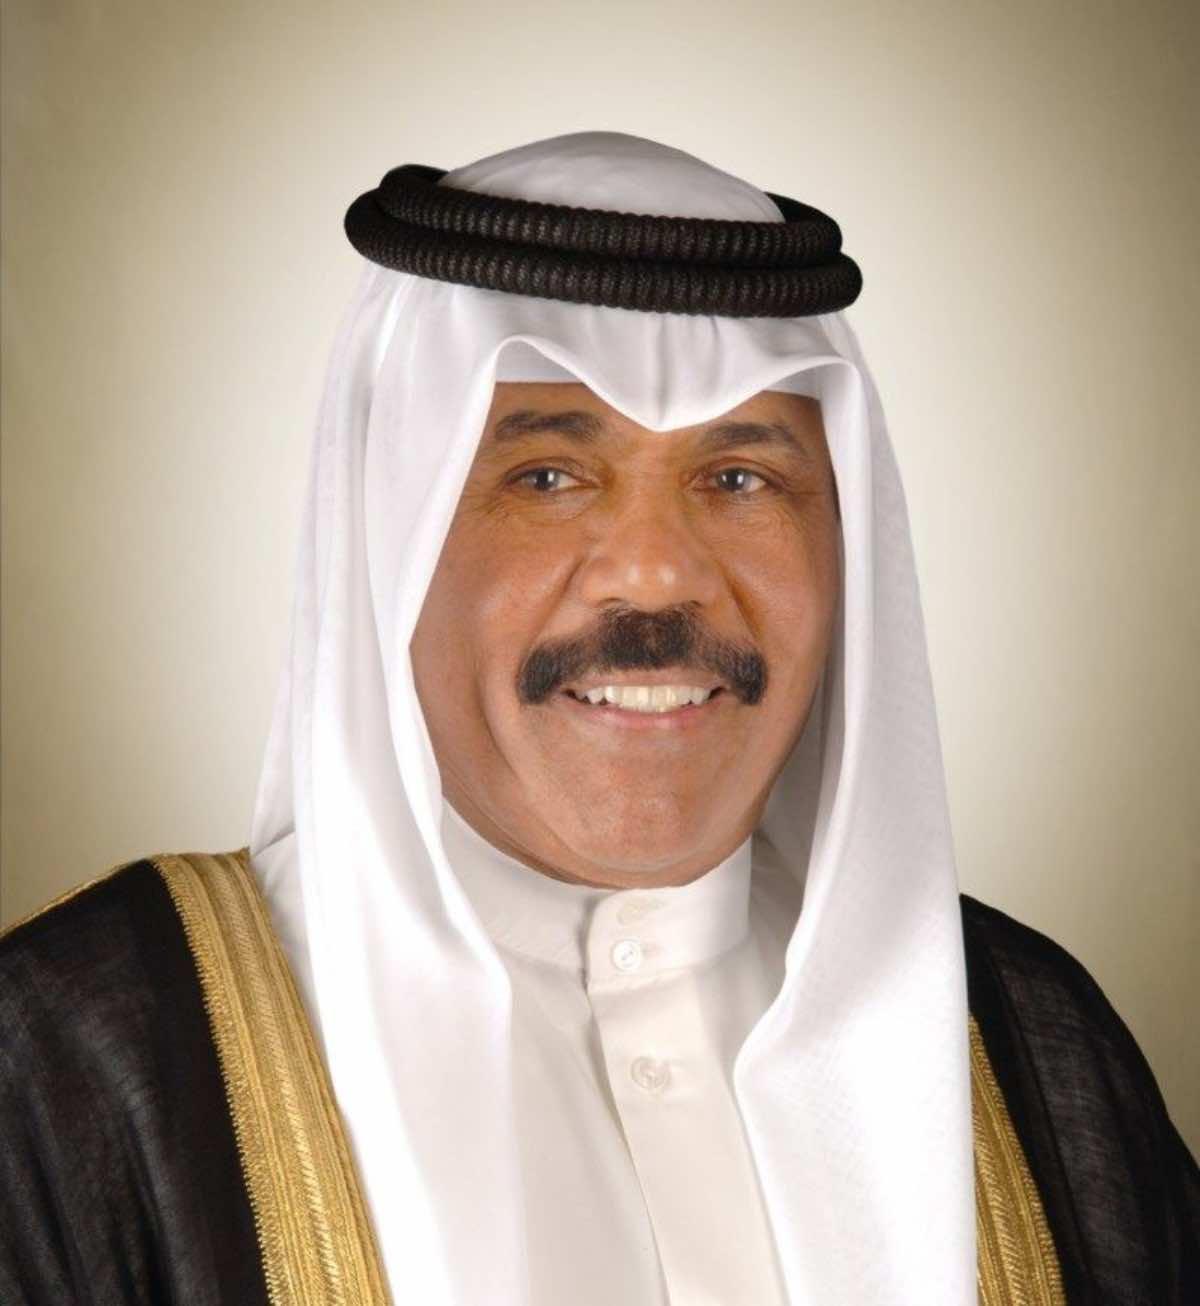 Kuwait Appoints Sheikh Nawaf Al Ahmed Al Sabah as New Emir